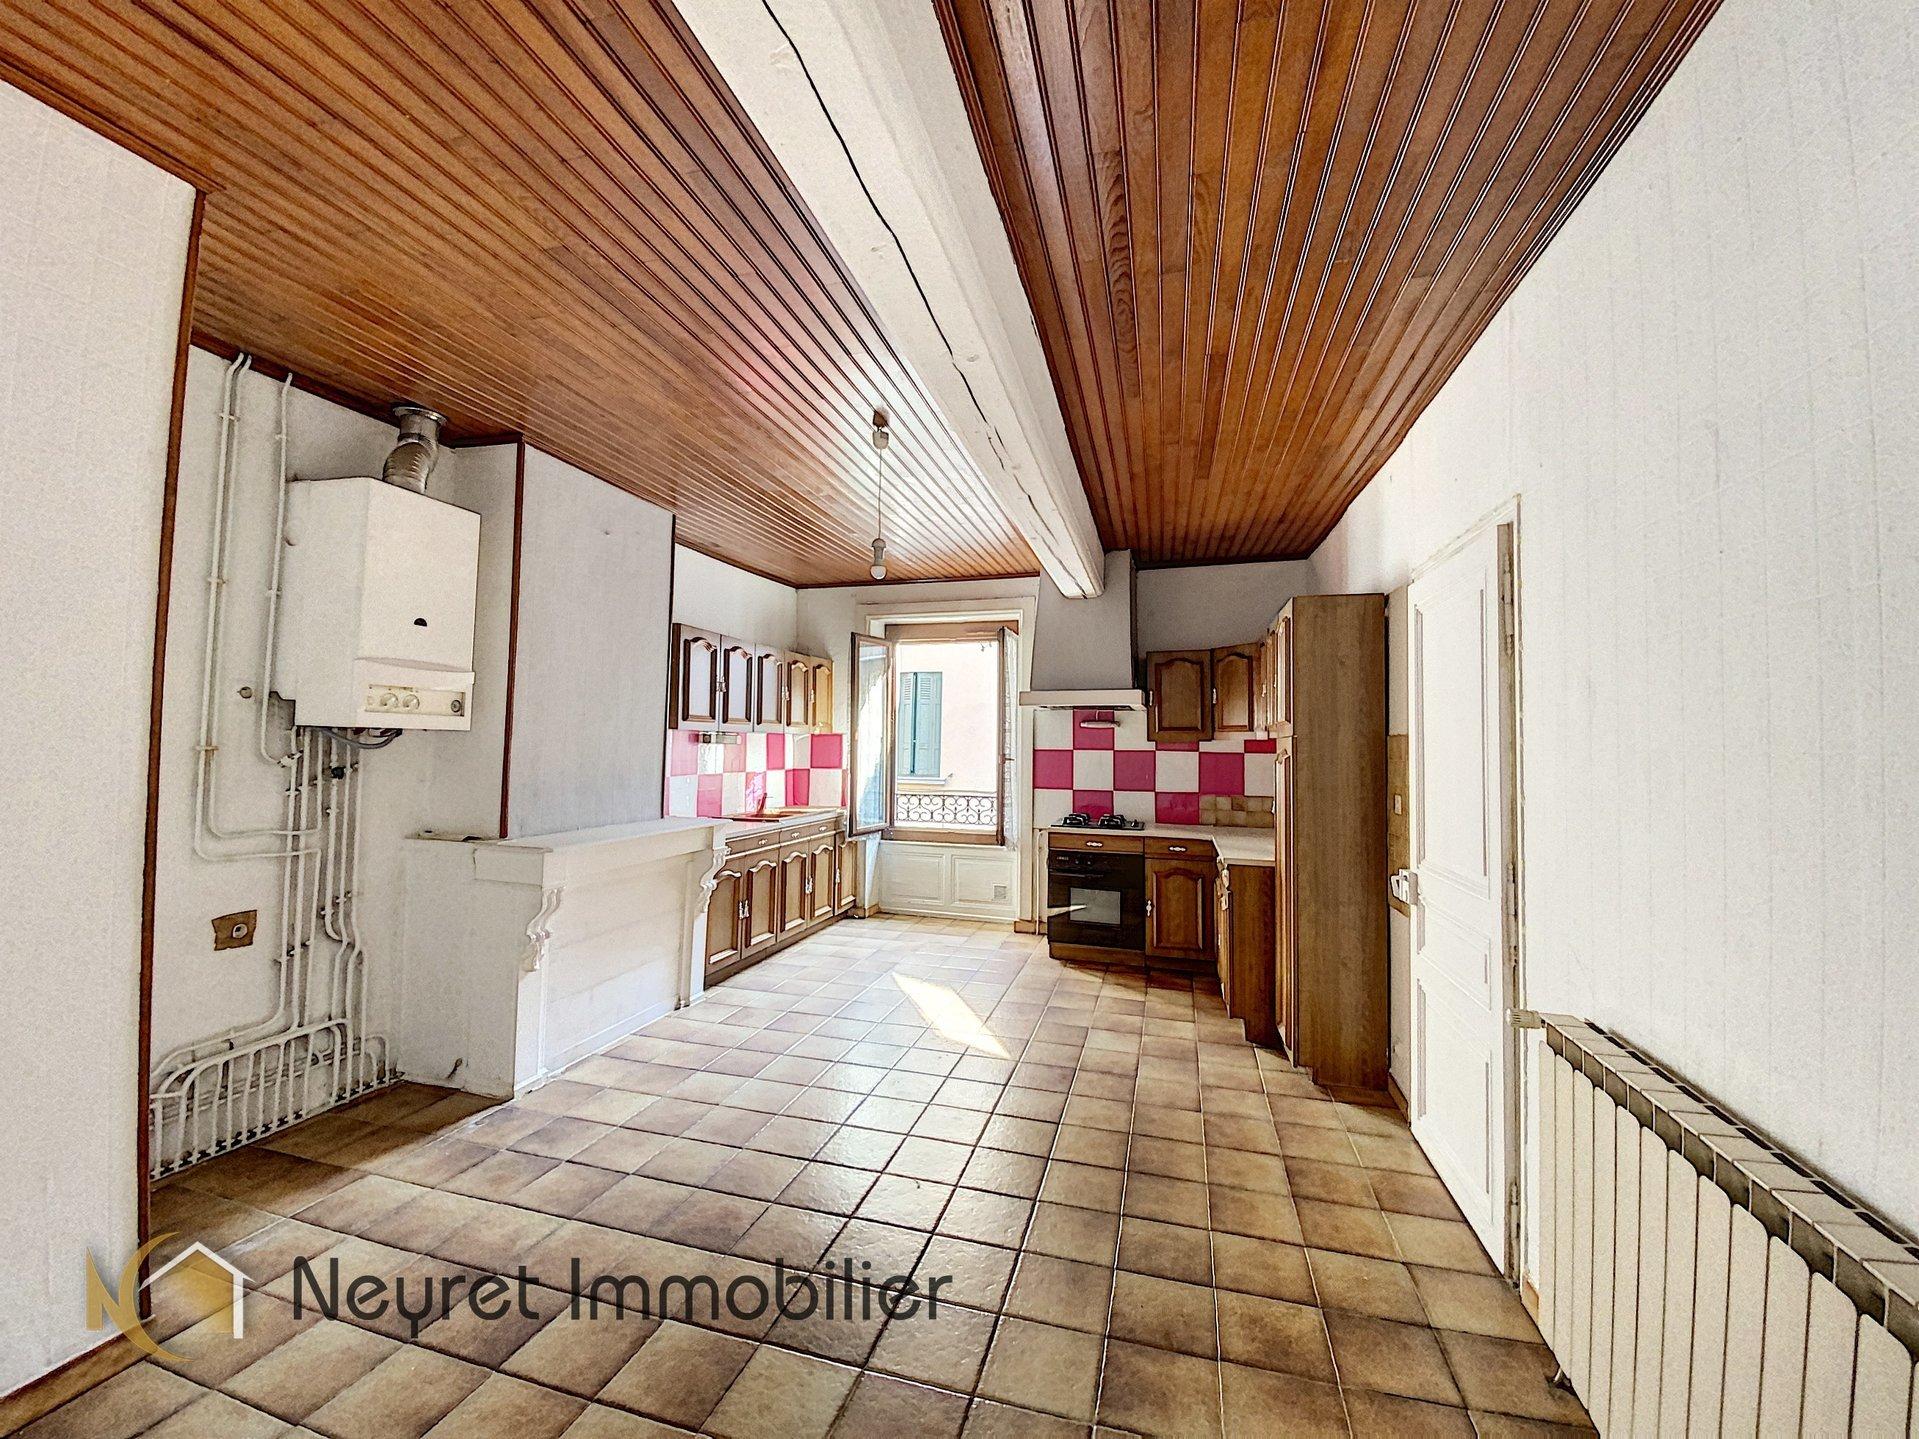 rive gier lot : maison appartement jardin entrée EST